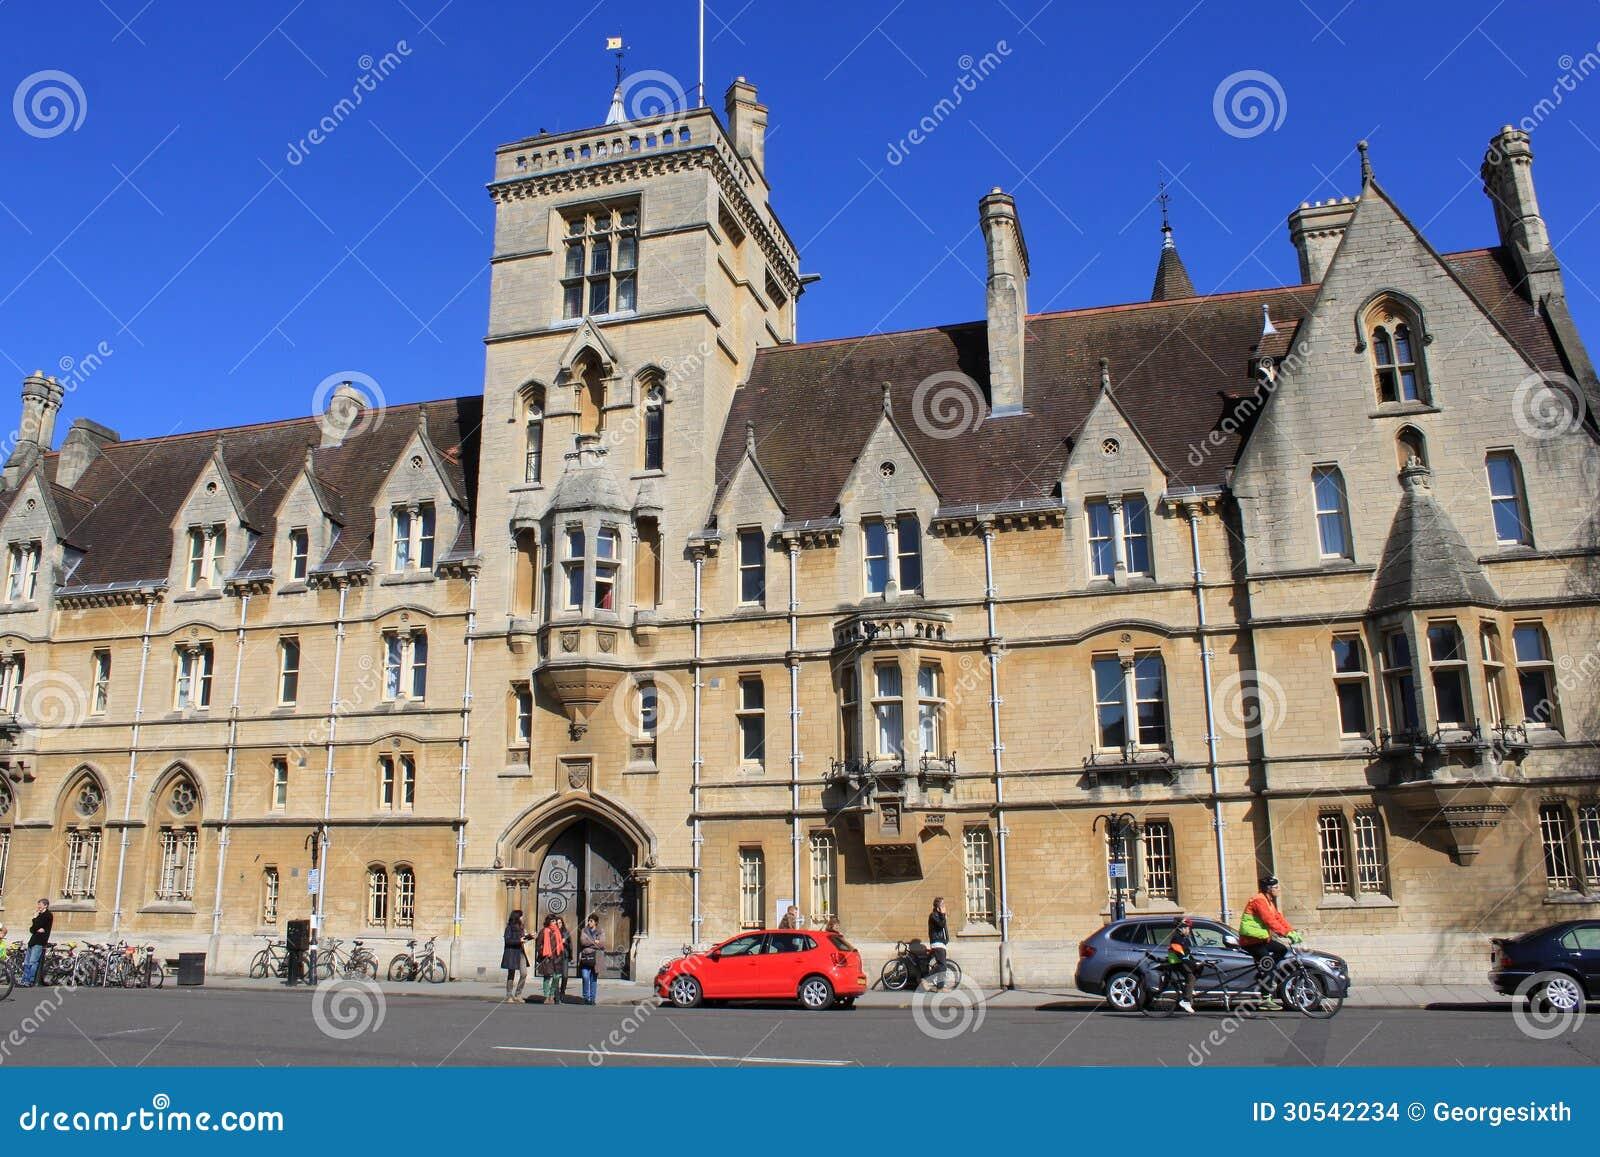 Main Entrance Balliol College Oxford England Editorial